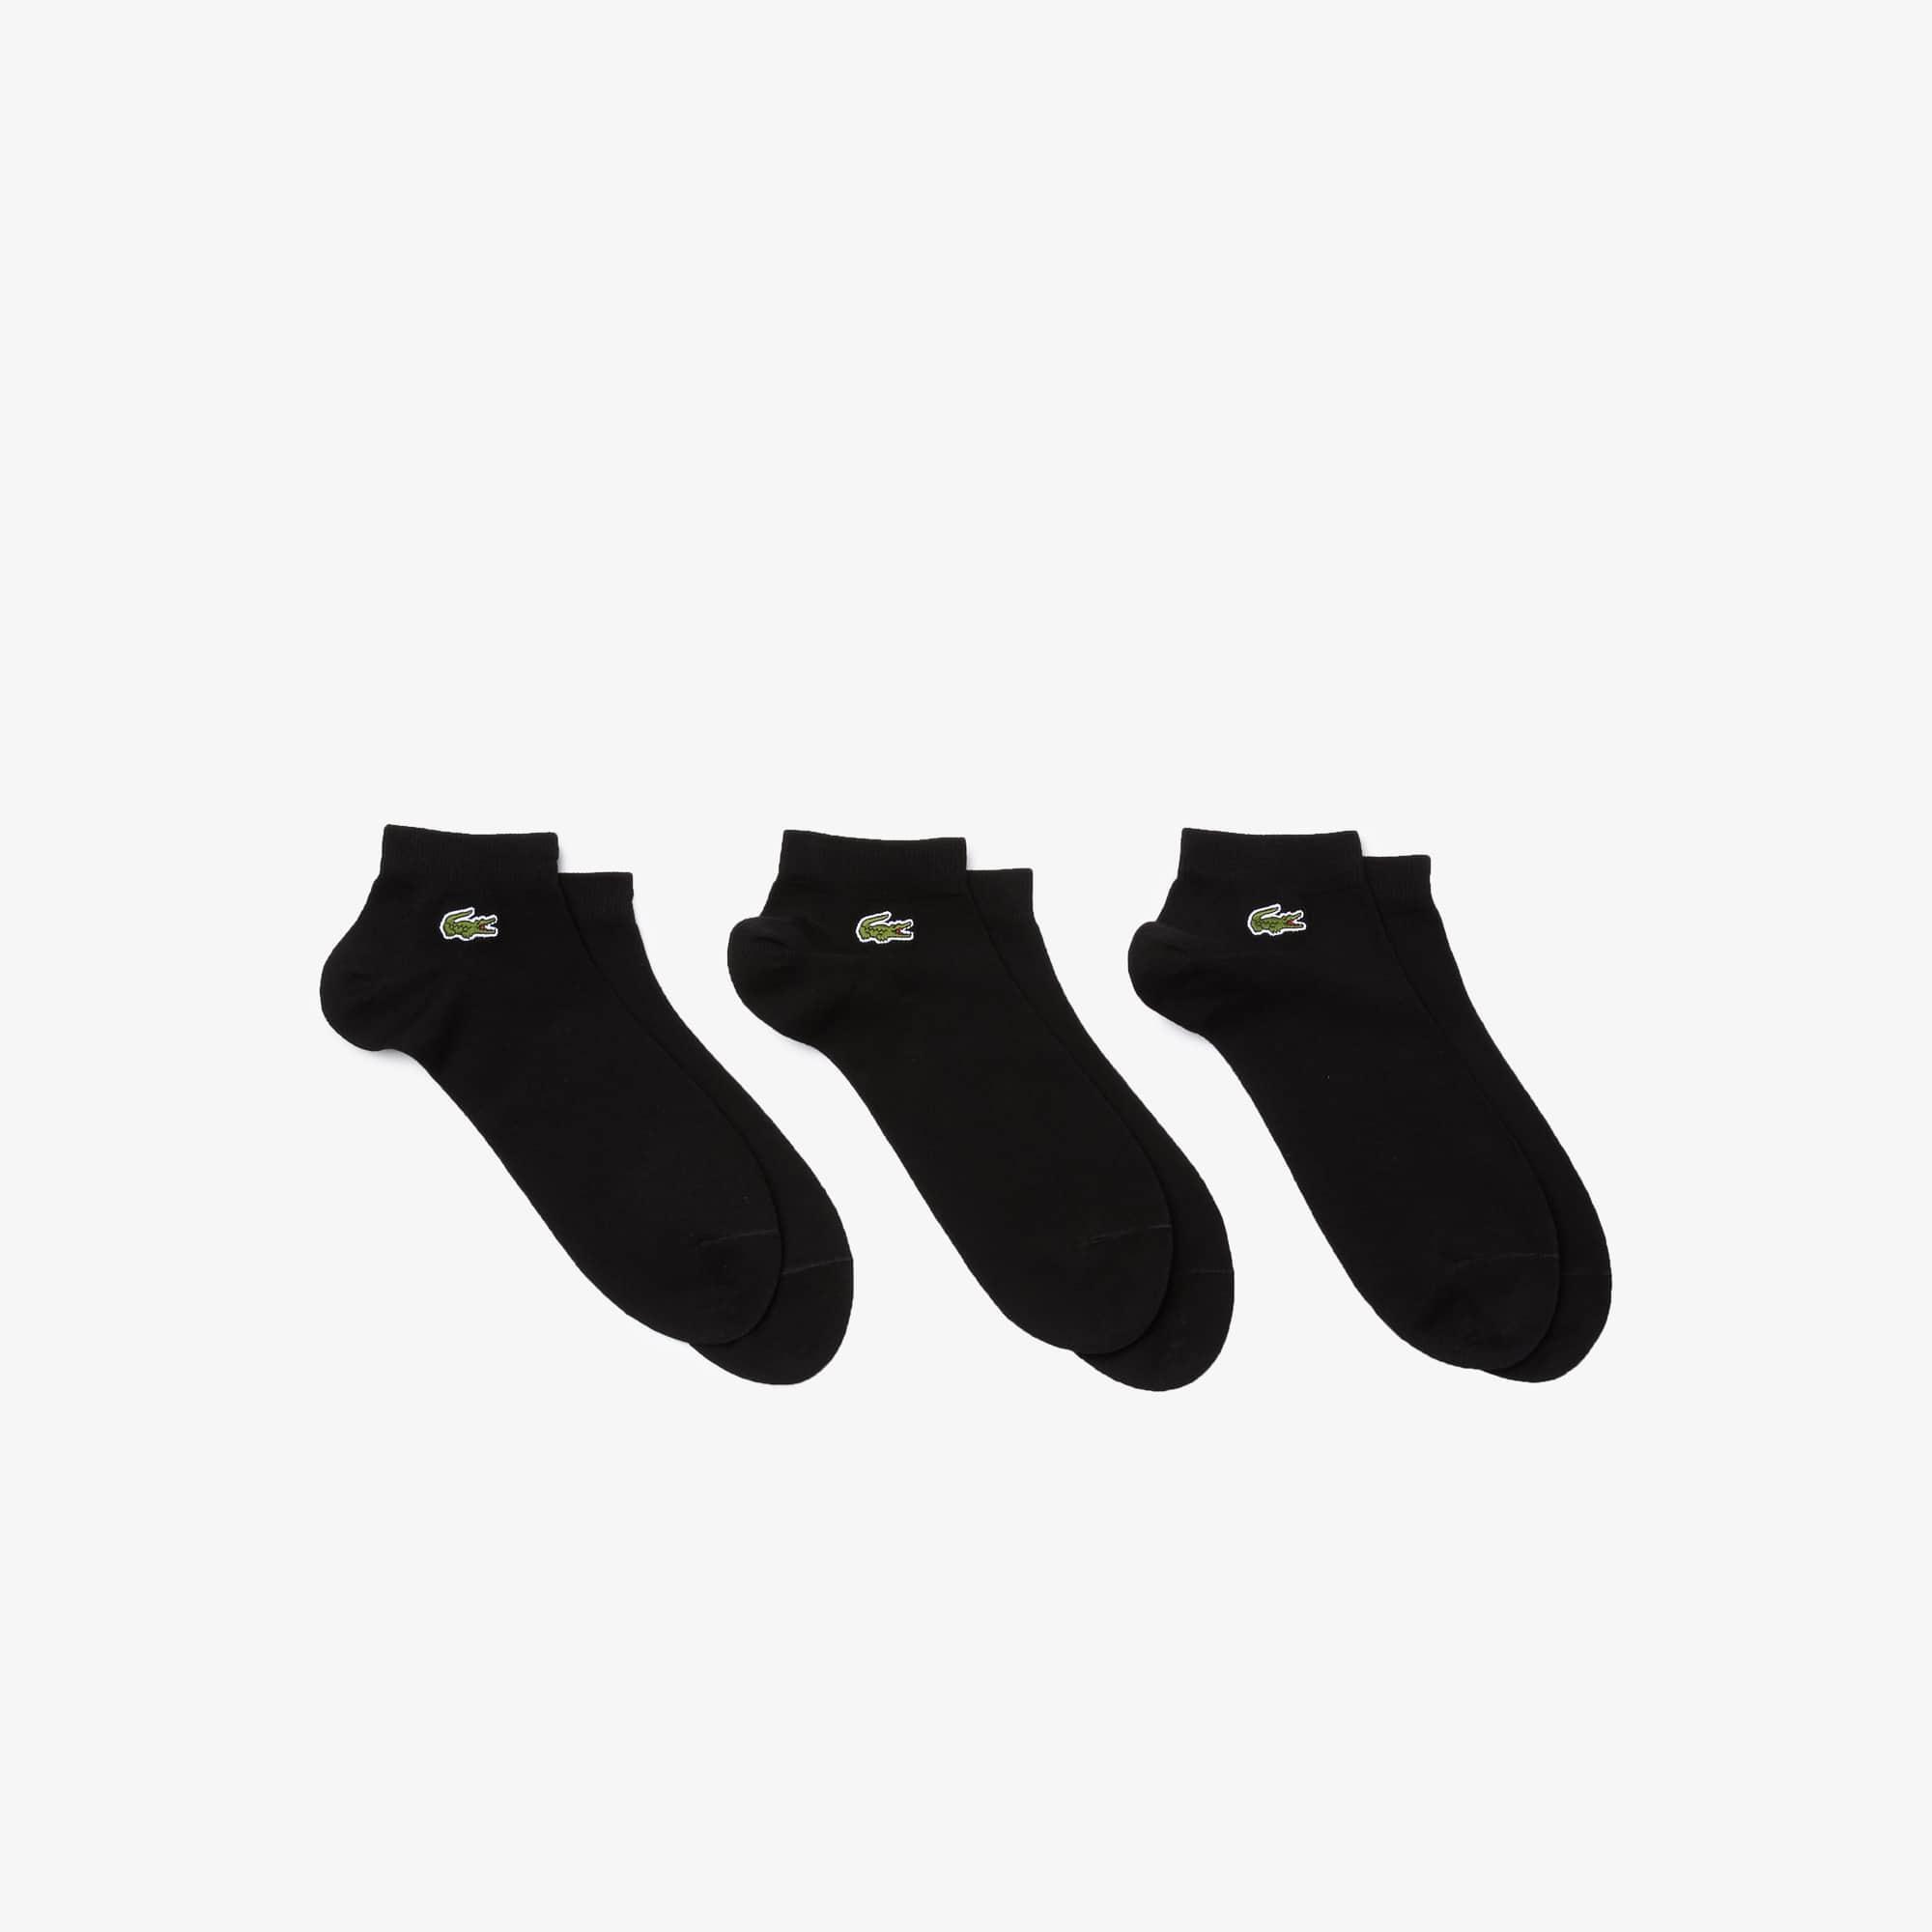 Lot de 3 paires de socquettes Lacoste SPORT en jersey uni